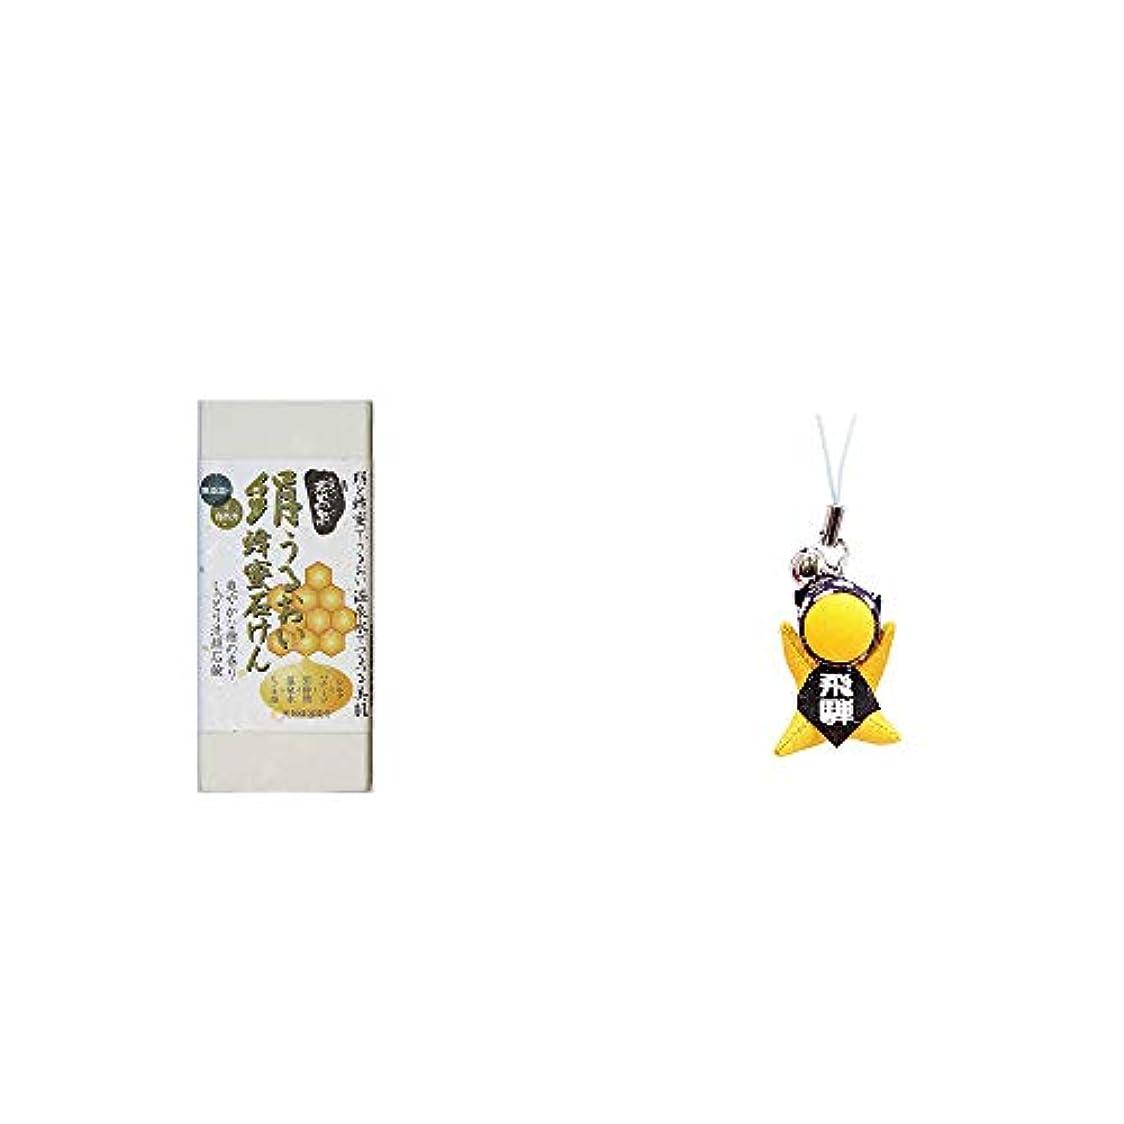 出力暴力費用[2点セット] ひのき炭黒泉 絹うるおい蜂蜜石けん(75g×2)?さるぼぼ幸福ストラップ 【緑】 / 風水カラー全9種類 健康 お守り//